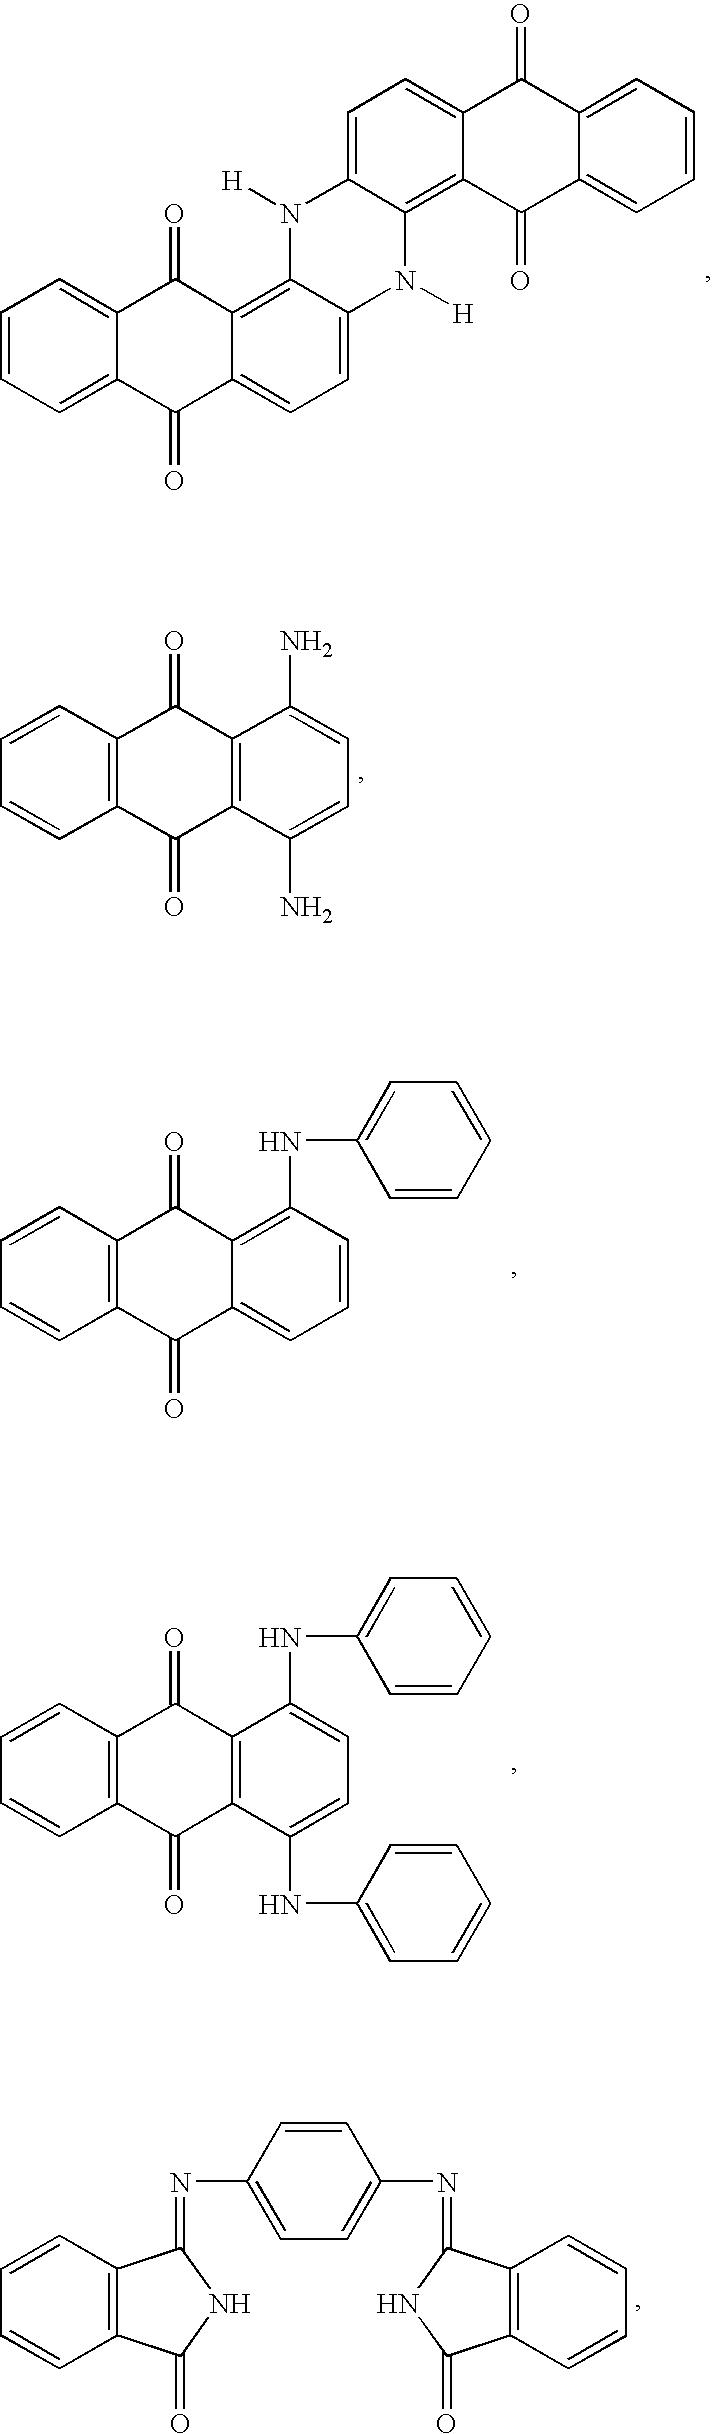 Figure US06645257-20031111-C00004